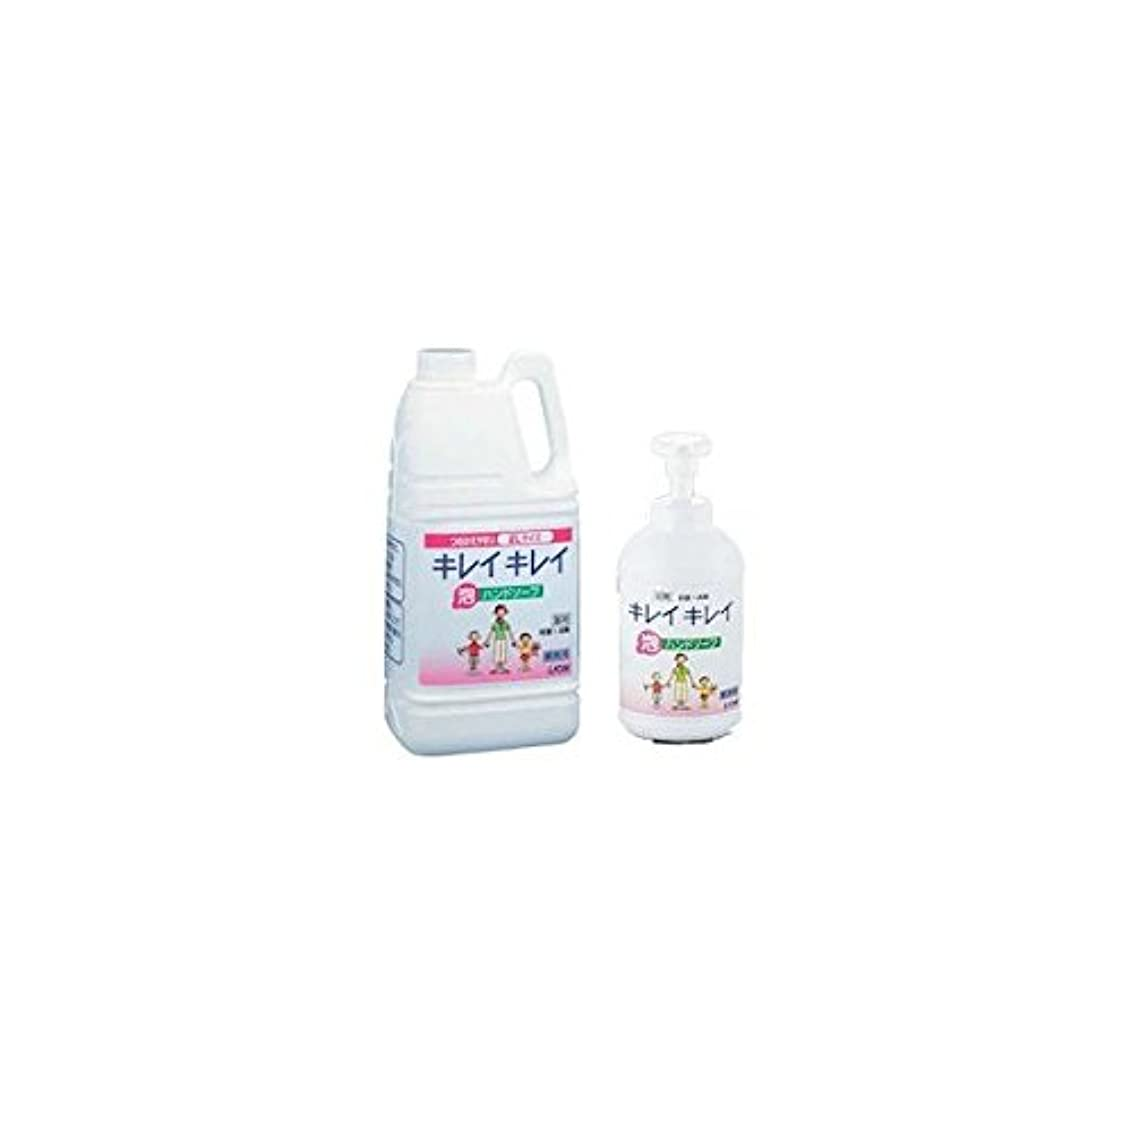 カポック水差しシェルターライオン キレイキレイ薬用泡ハンドソープ 2L(700ML専用ポンプ付) 【品番】JHV2503